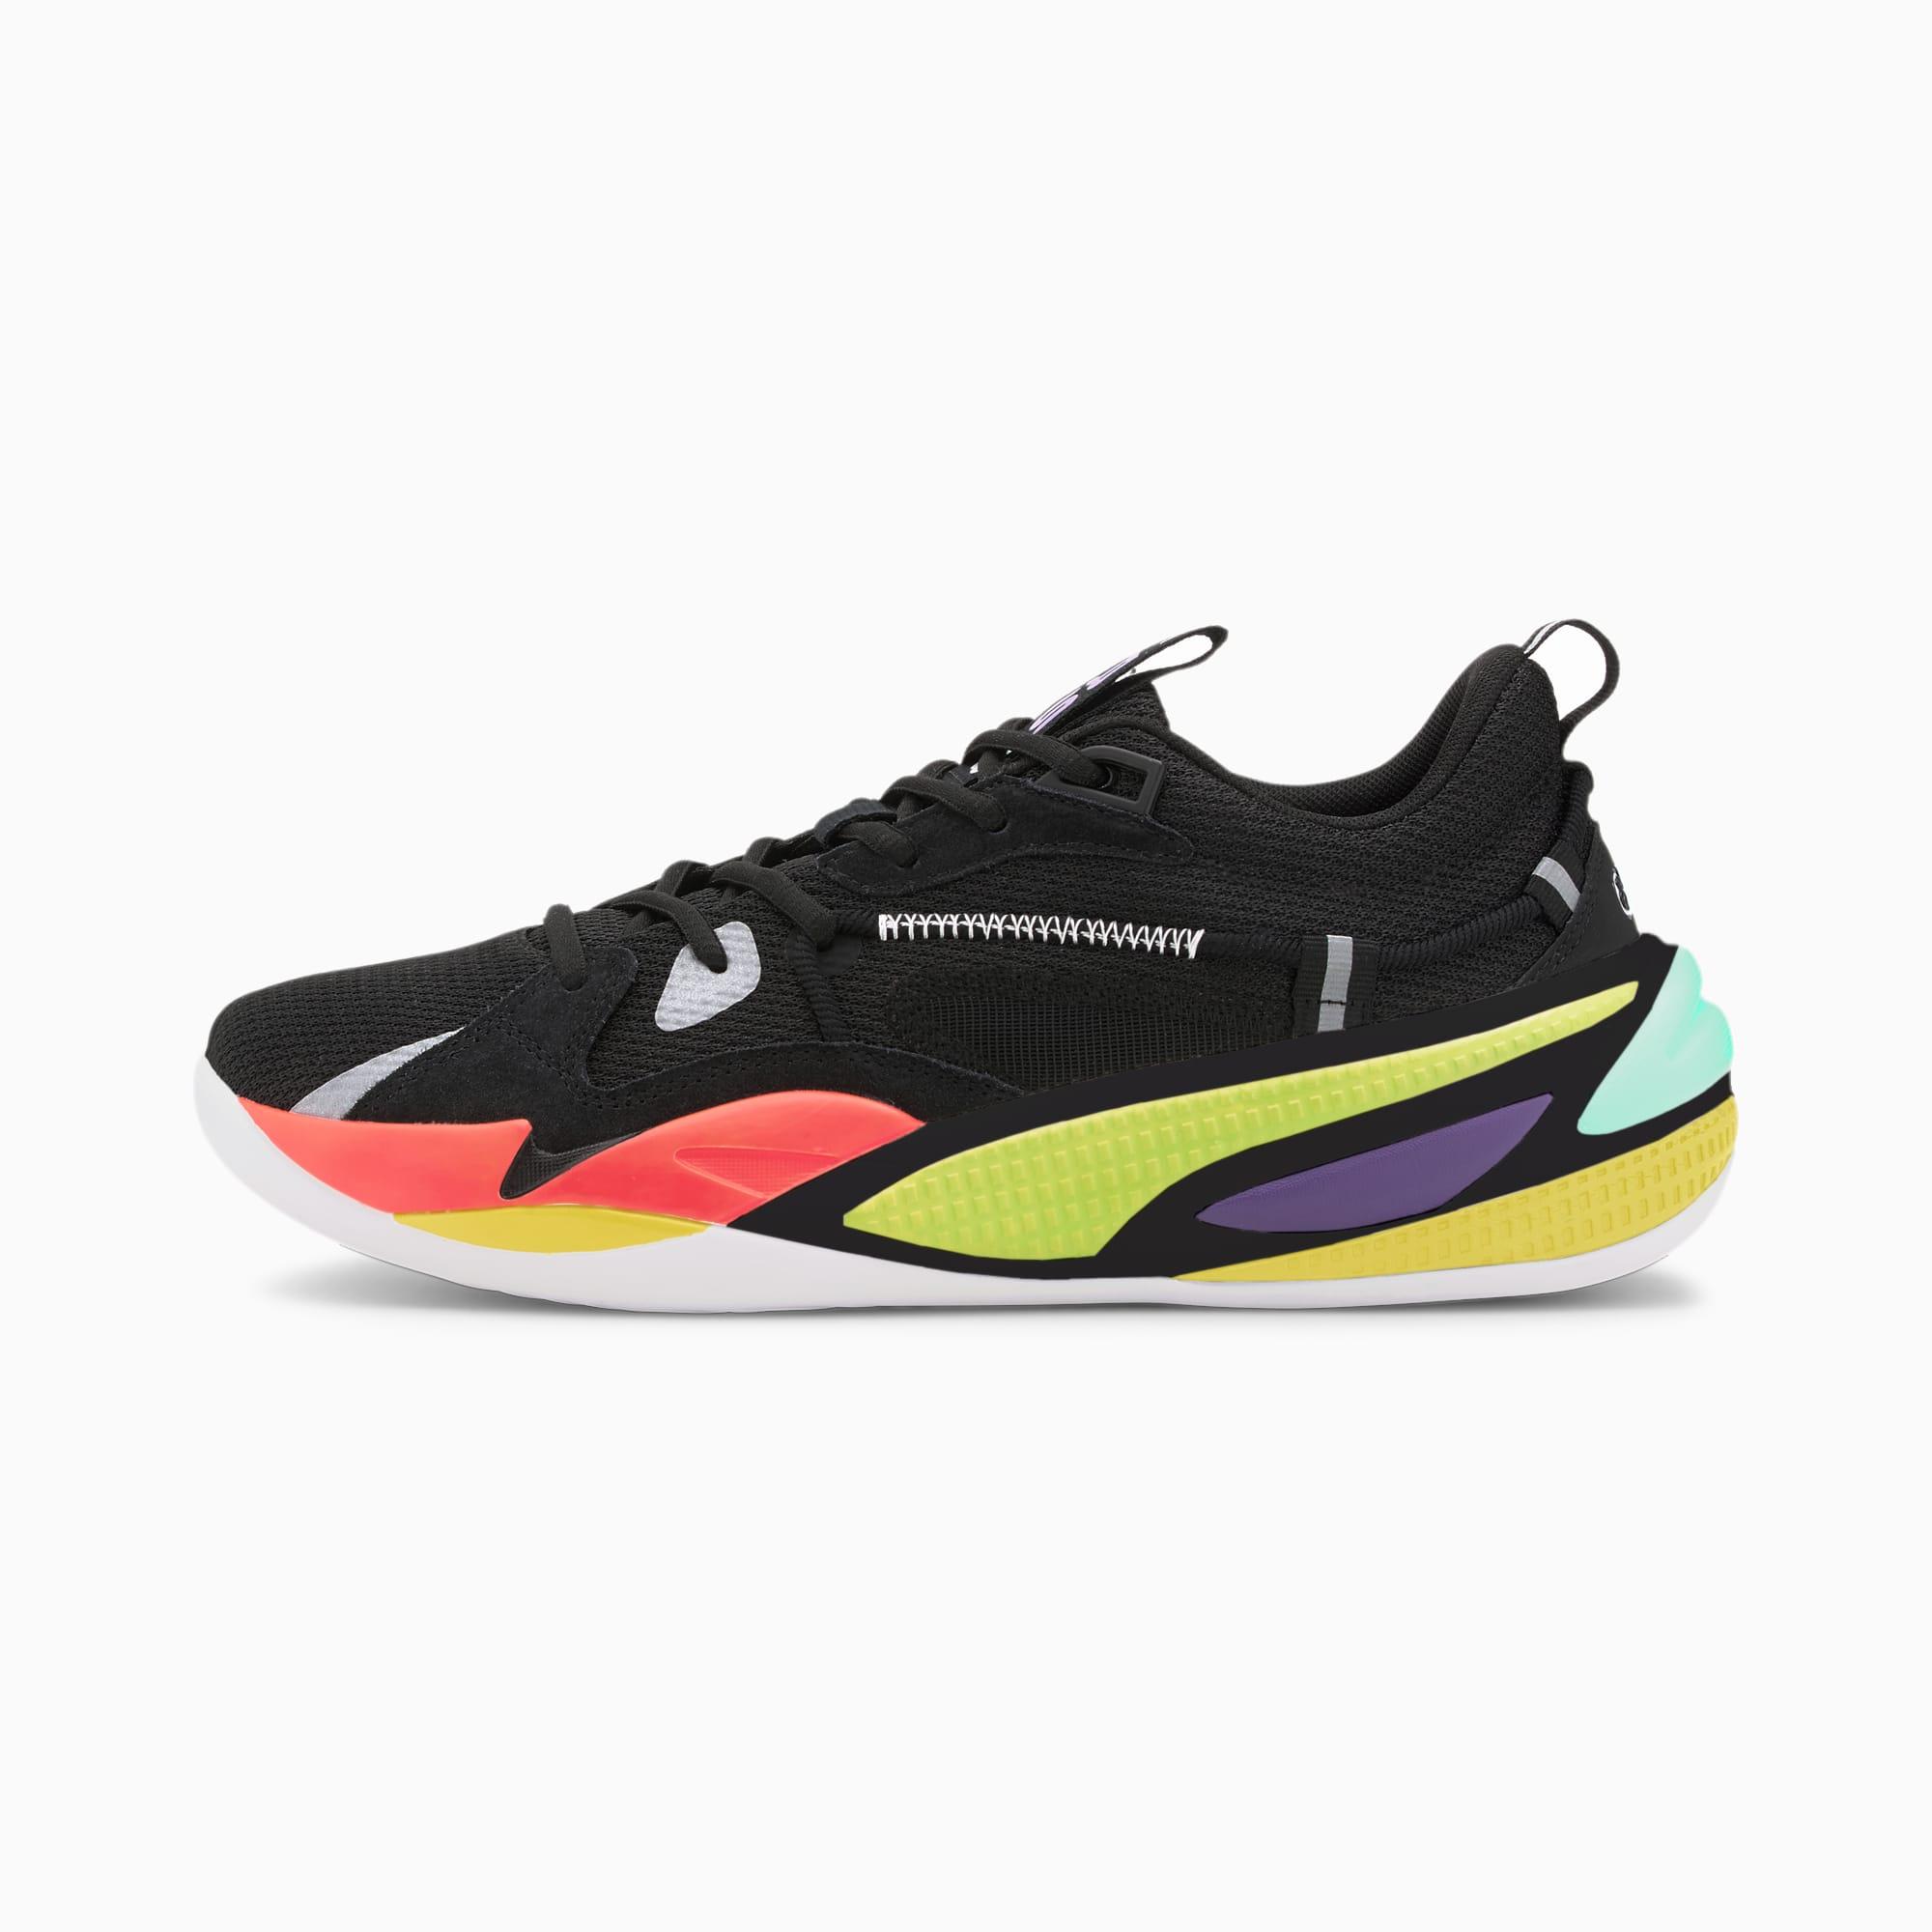 PUMA Chaussure de basket RS-Dreamer Proto, Noir/Rouge, Taille 46, Chaussures